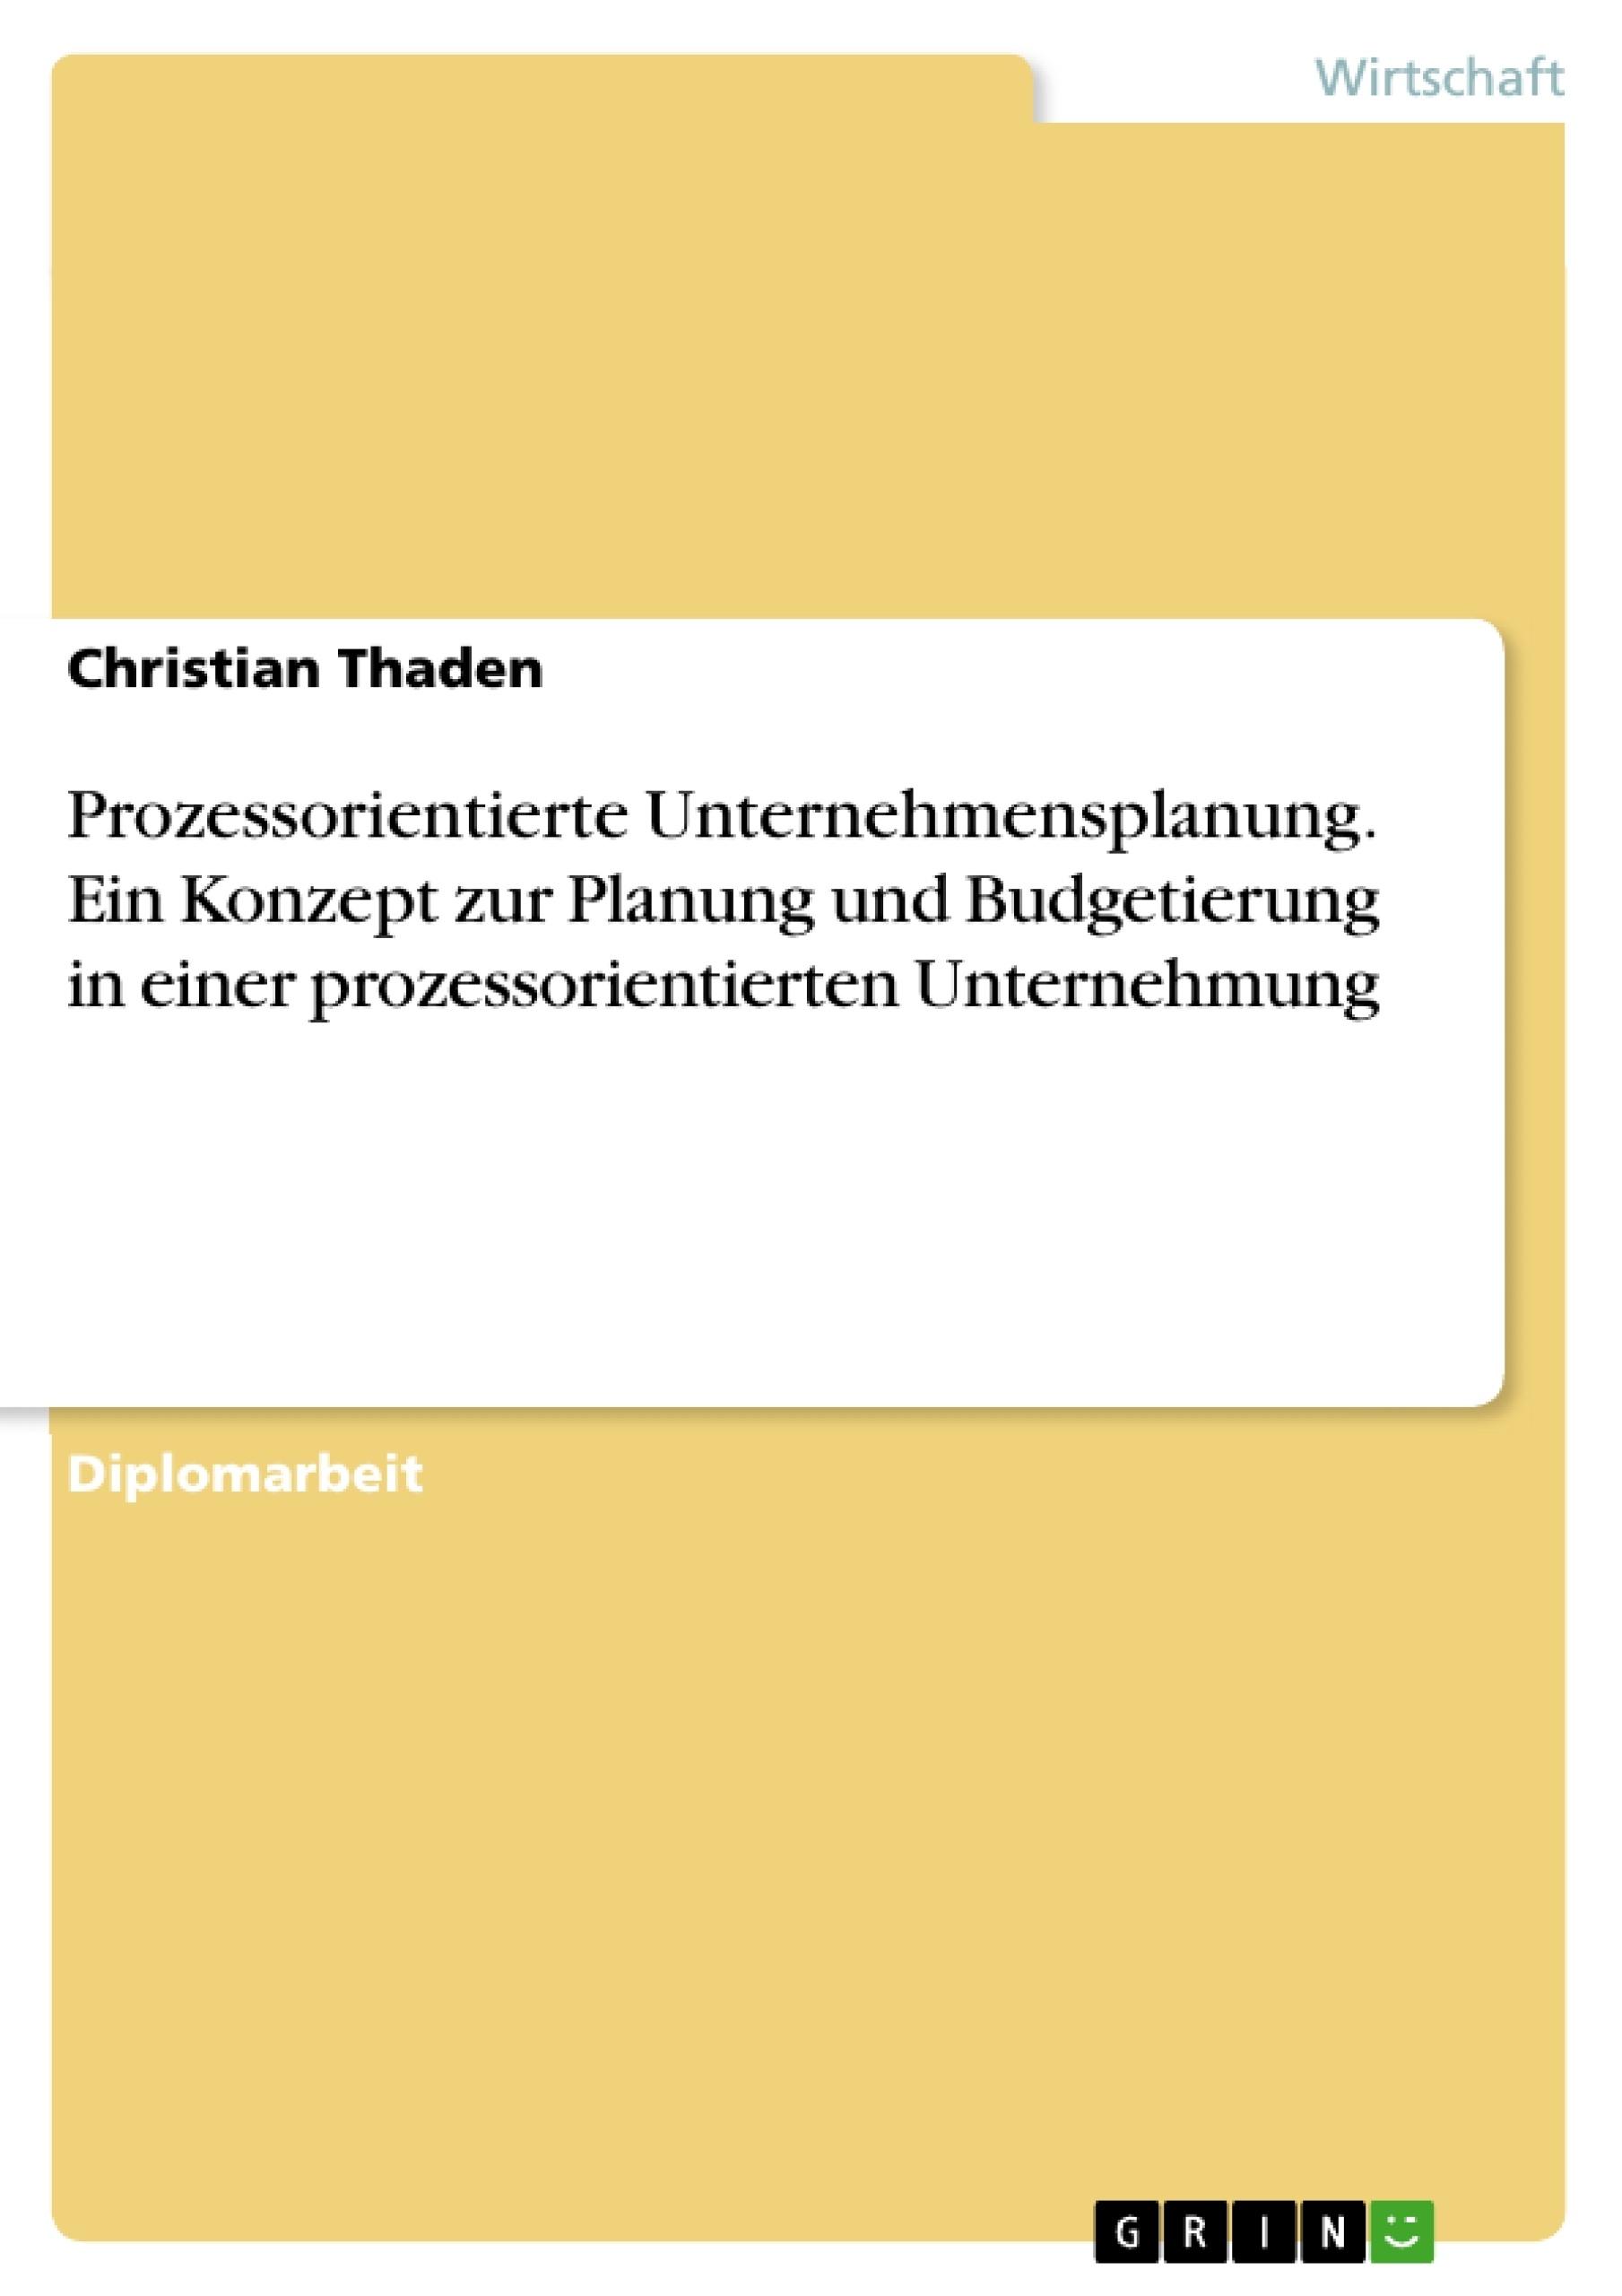 Titel: Prozessorientierte Unternehmensplanung. Ein Konzept zur Planung und Budgetierung in einer prozessorientierten Unternehmung